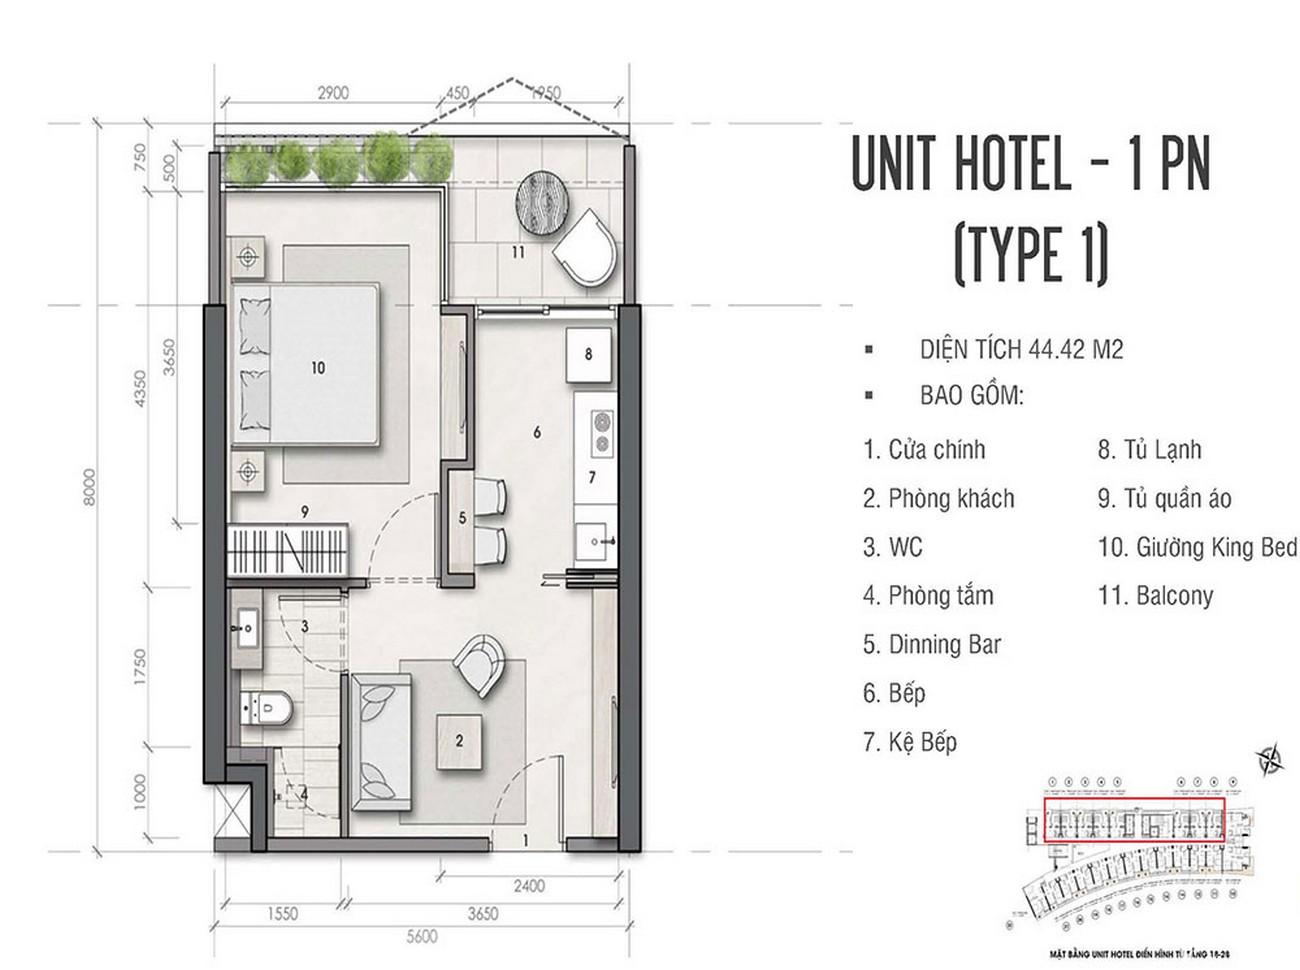 Thiết kế chi tiết dự án Condotel chung cư AB Central Square  Đường Trần Phú chủ đầu tư A&B Development Corp.